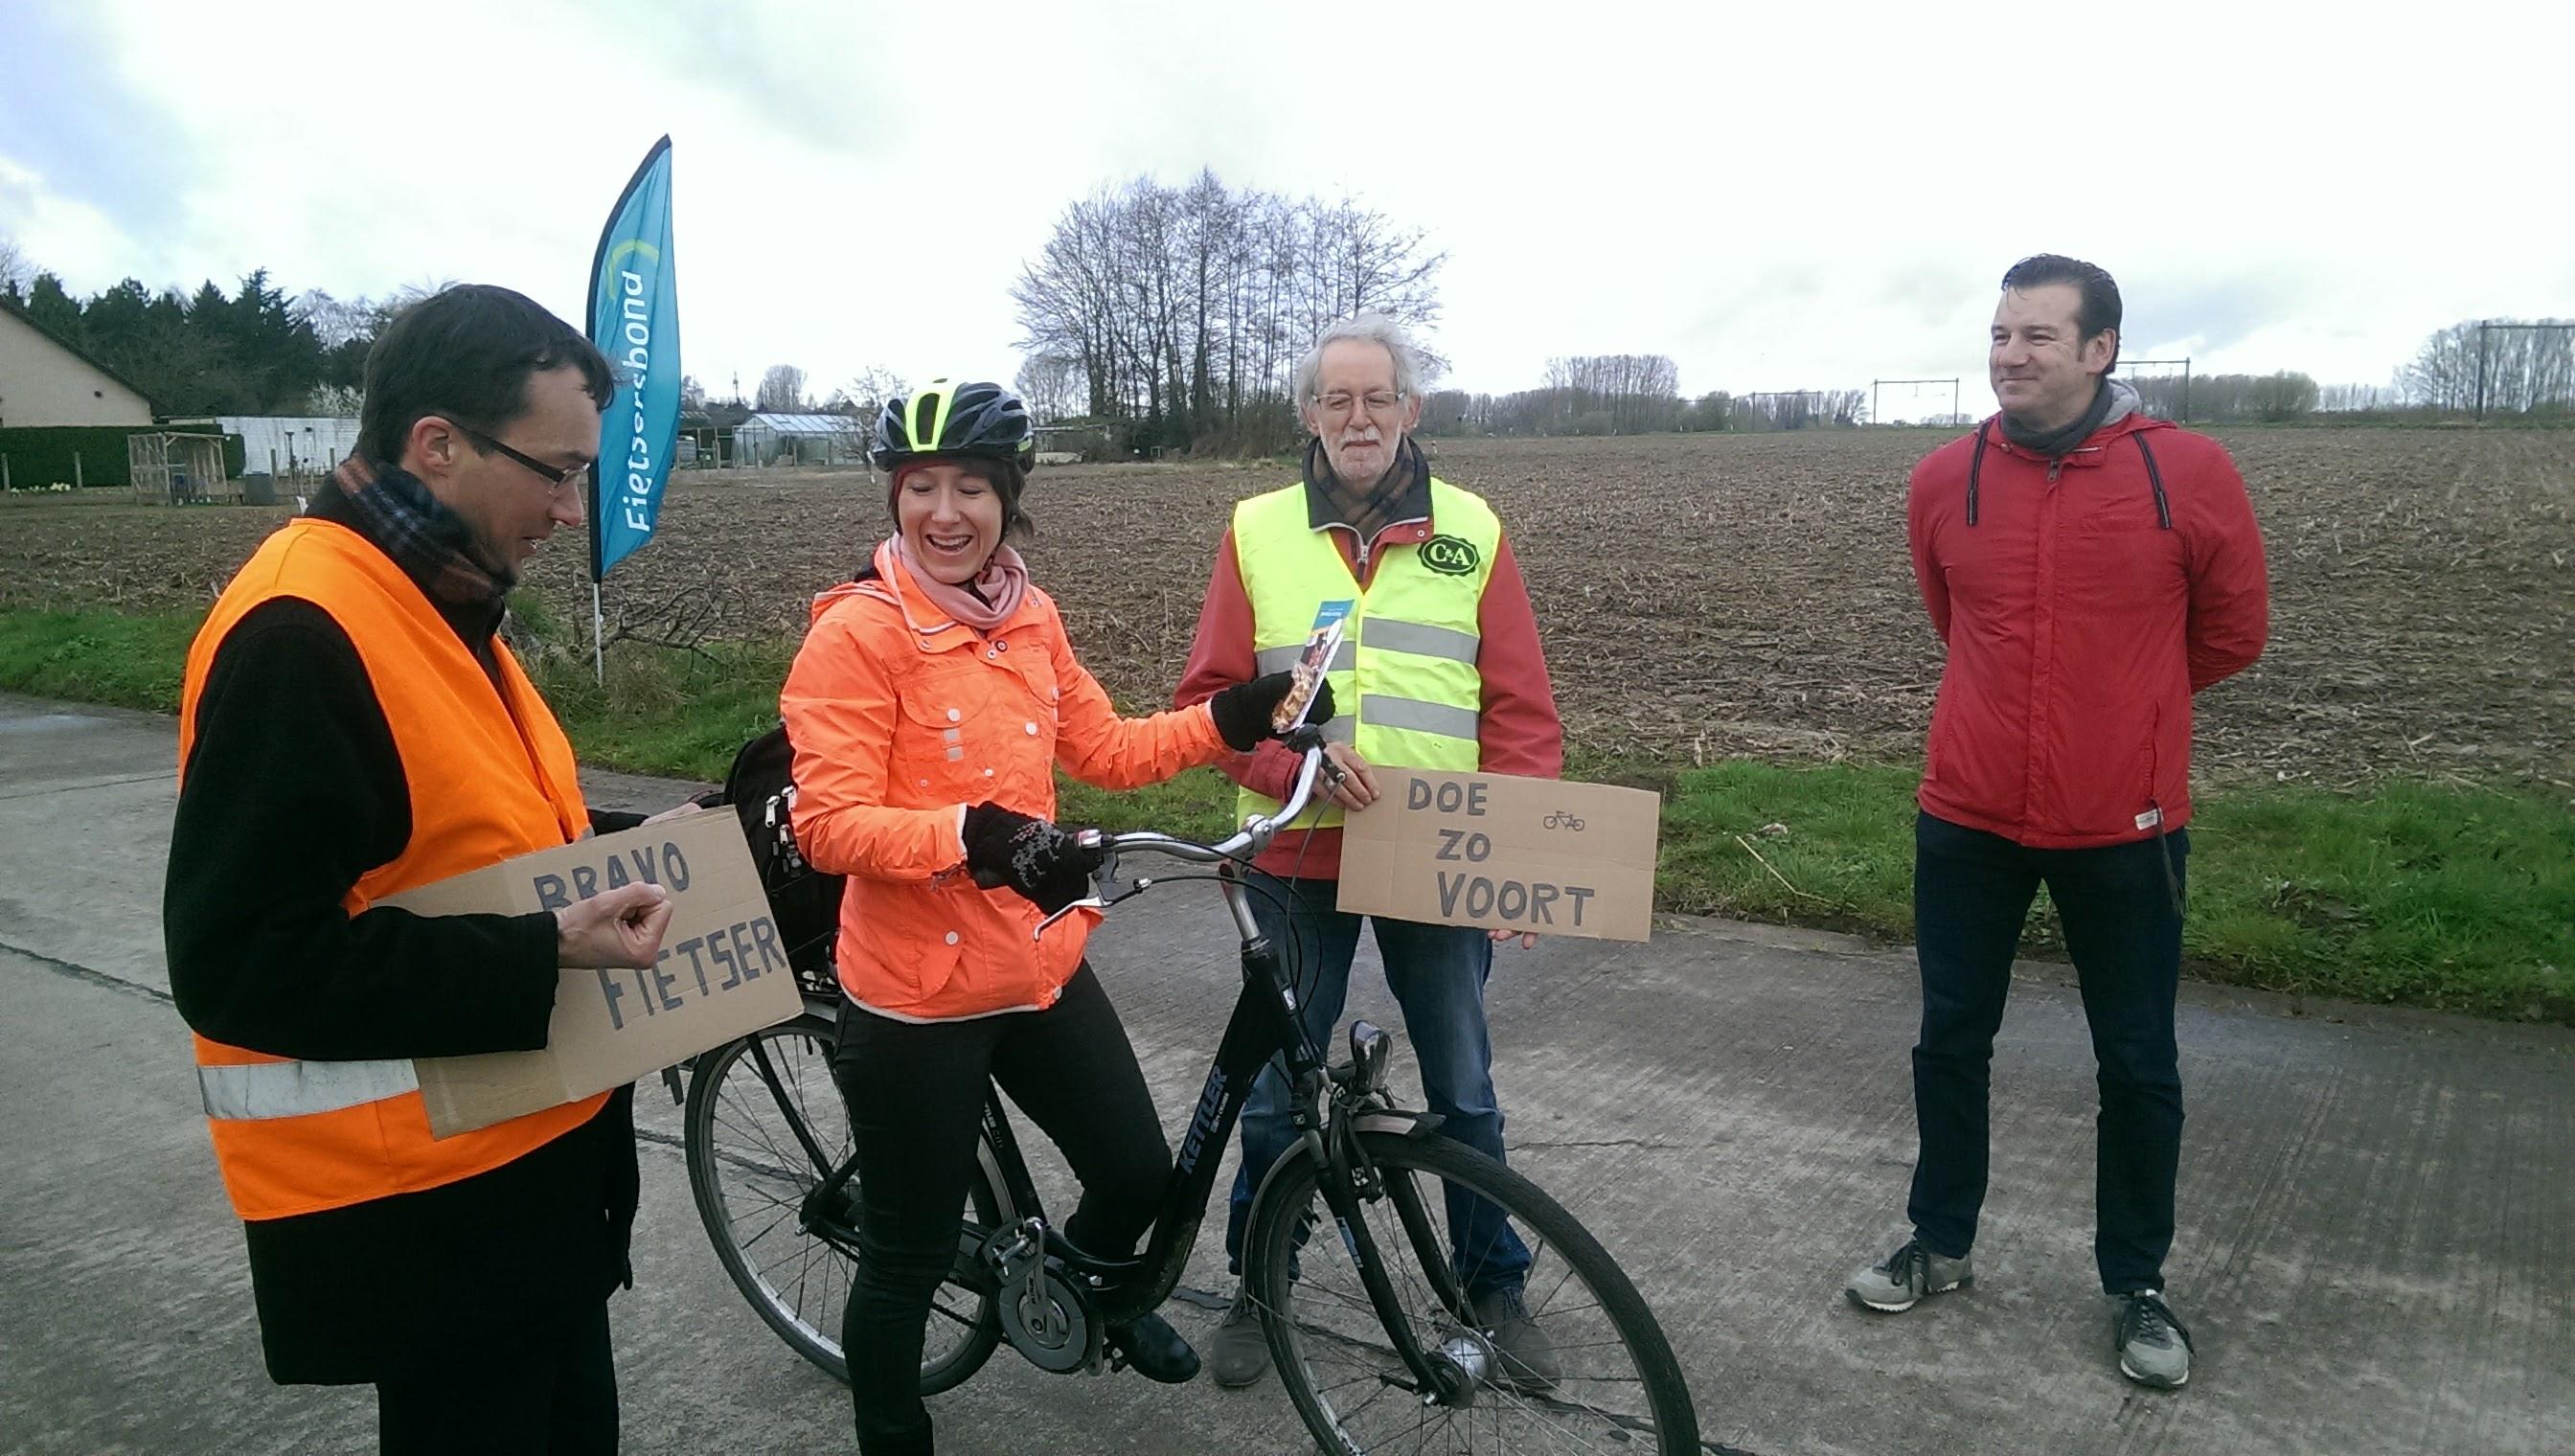 sfeerbeelden applausaktie fietsersbond Haaltert